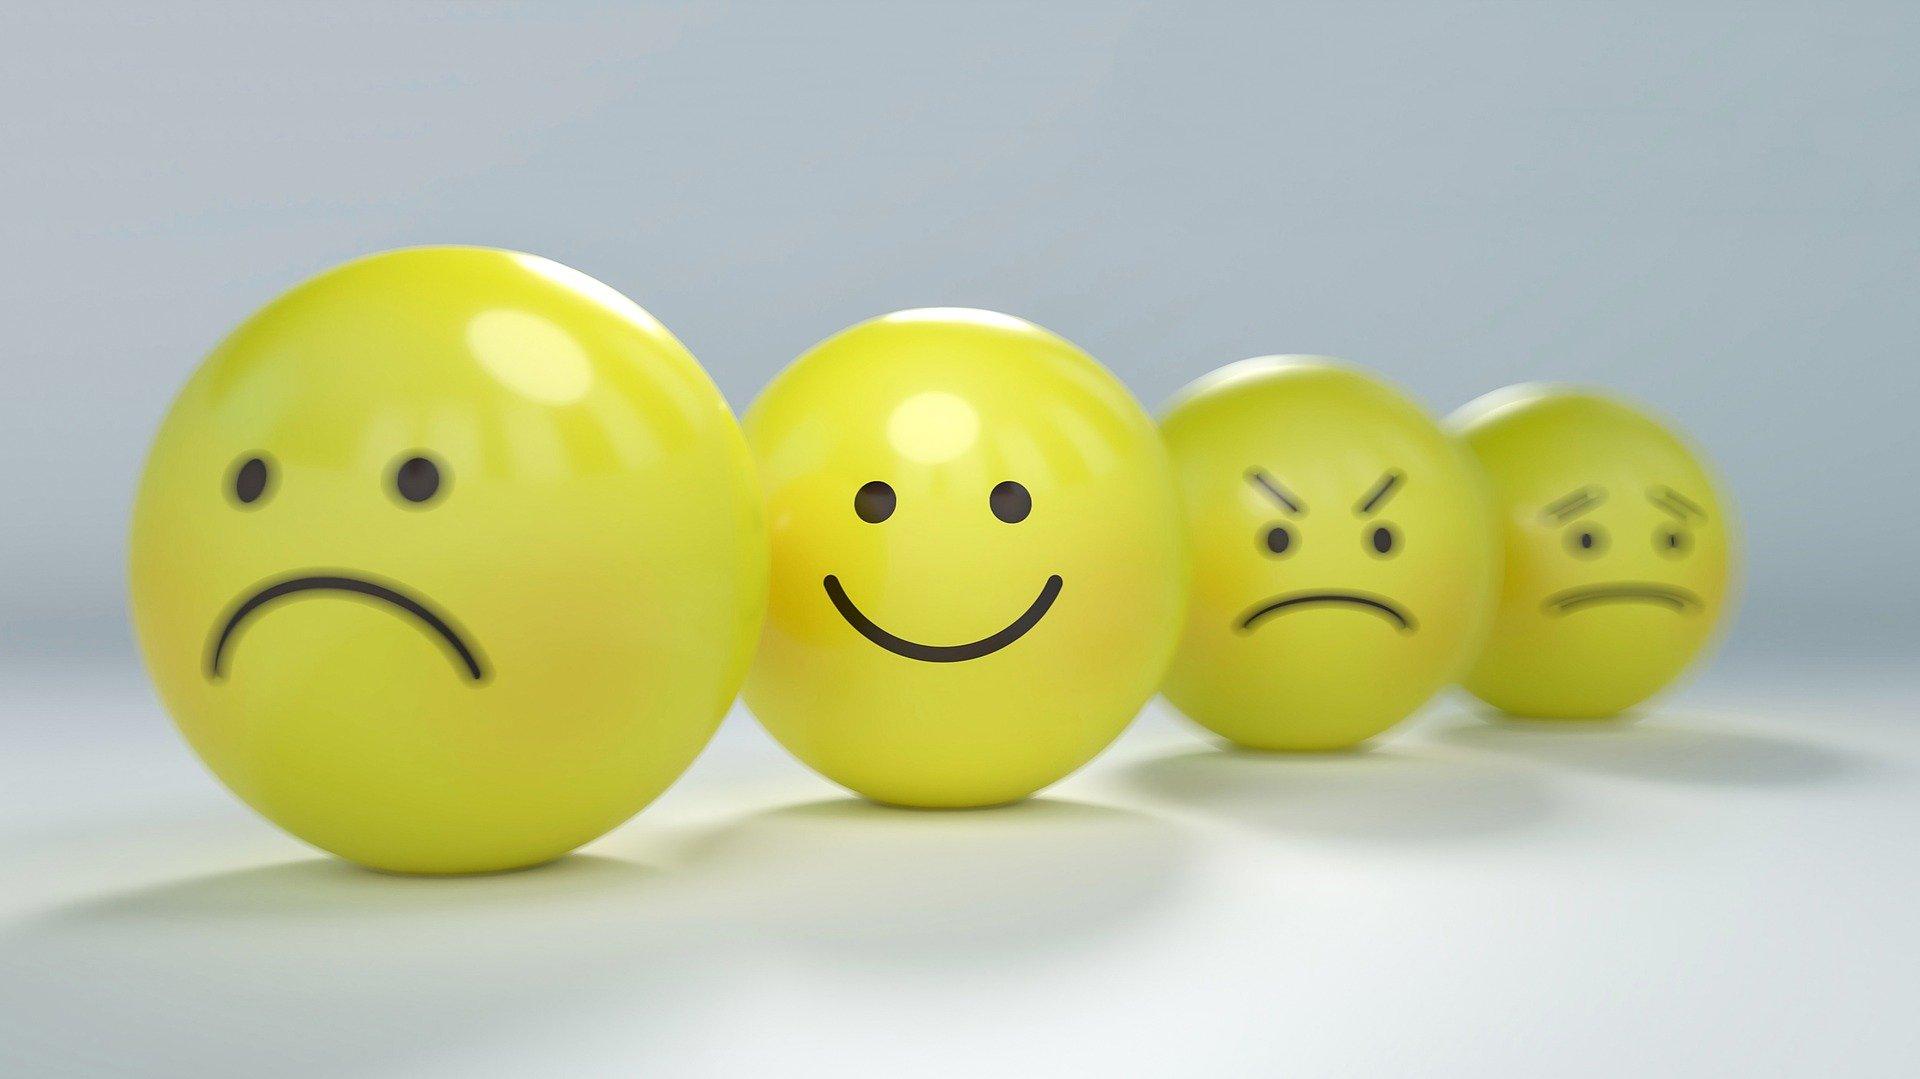 Wertschätzung durchs Reisen - Smileys